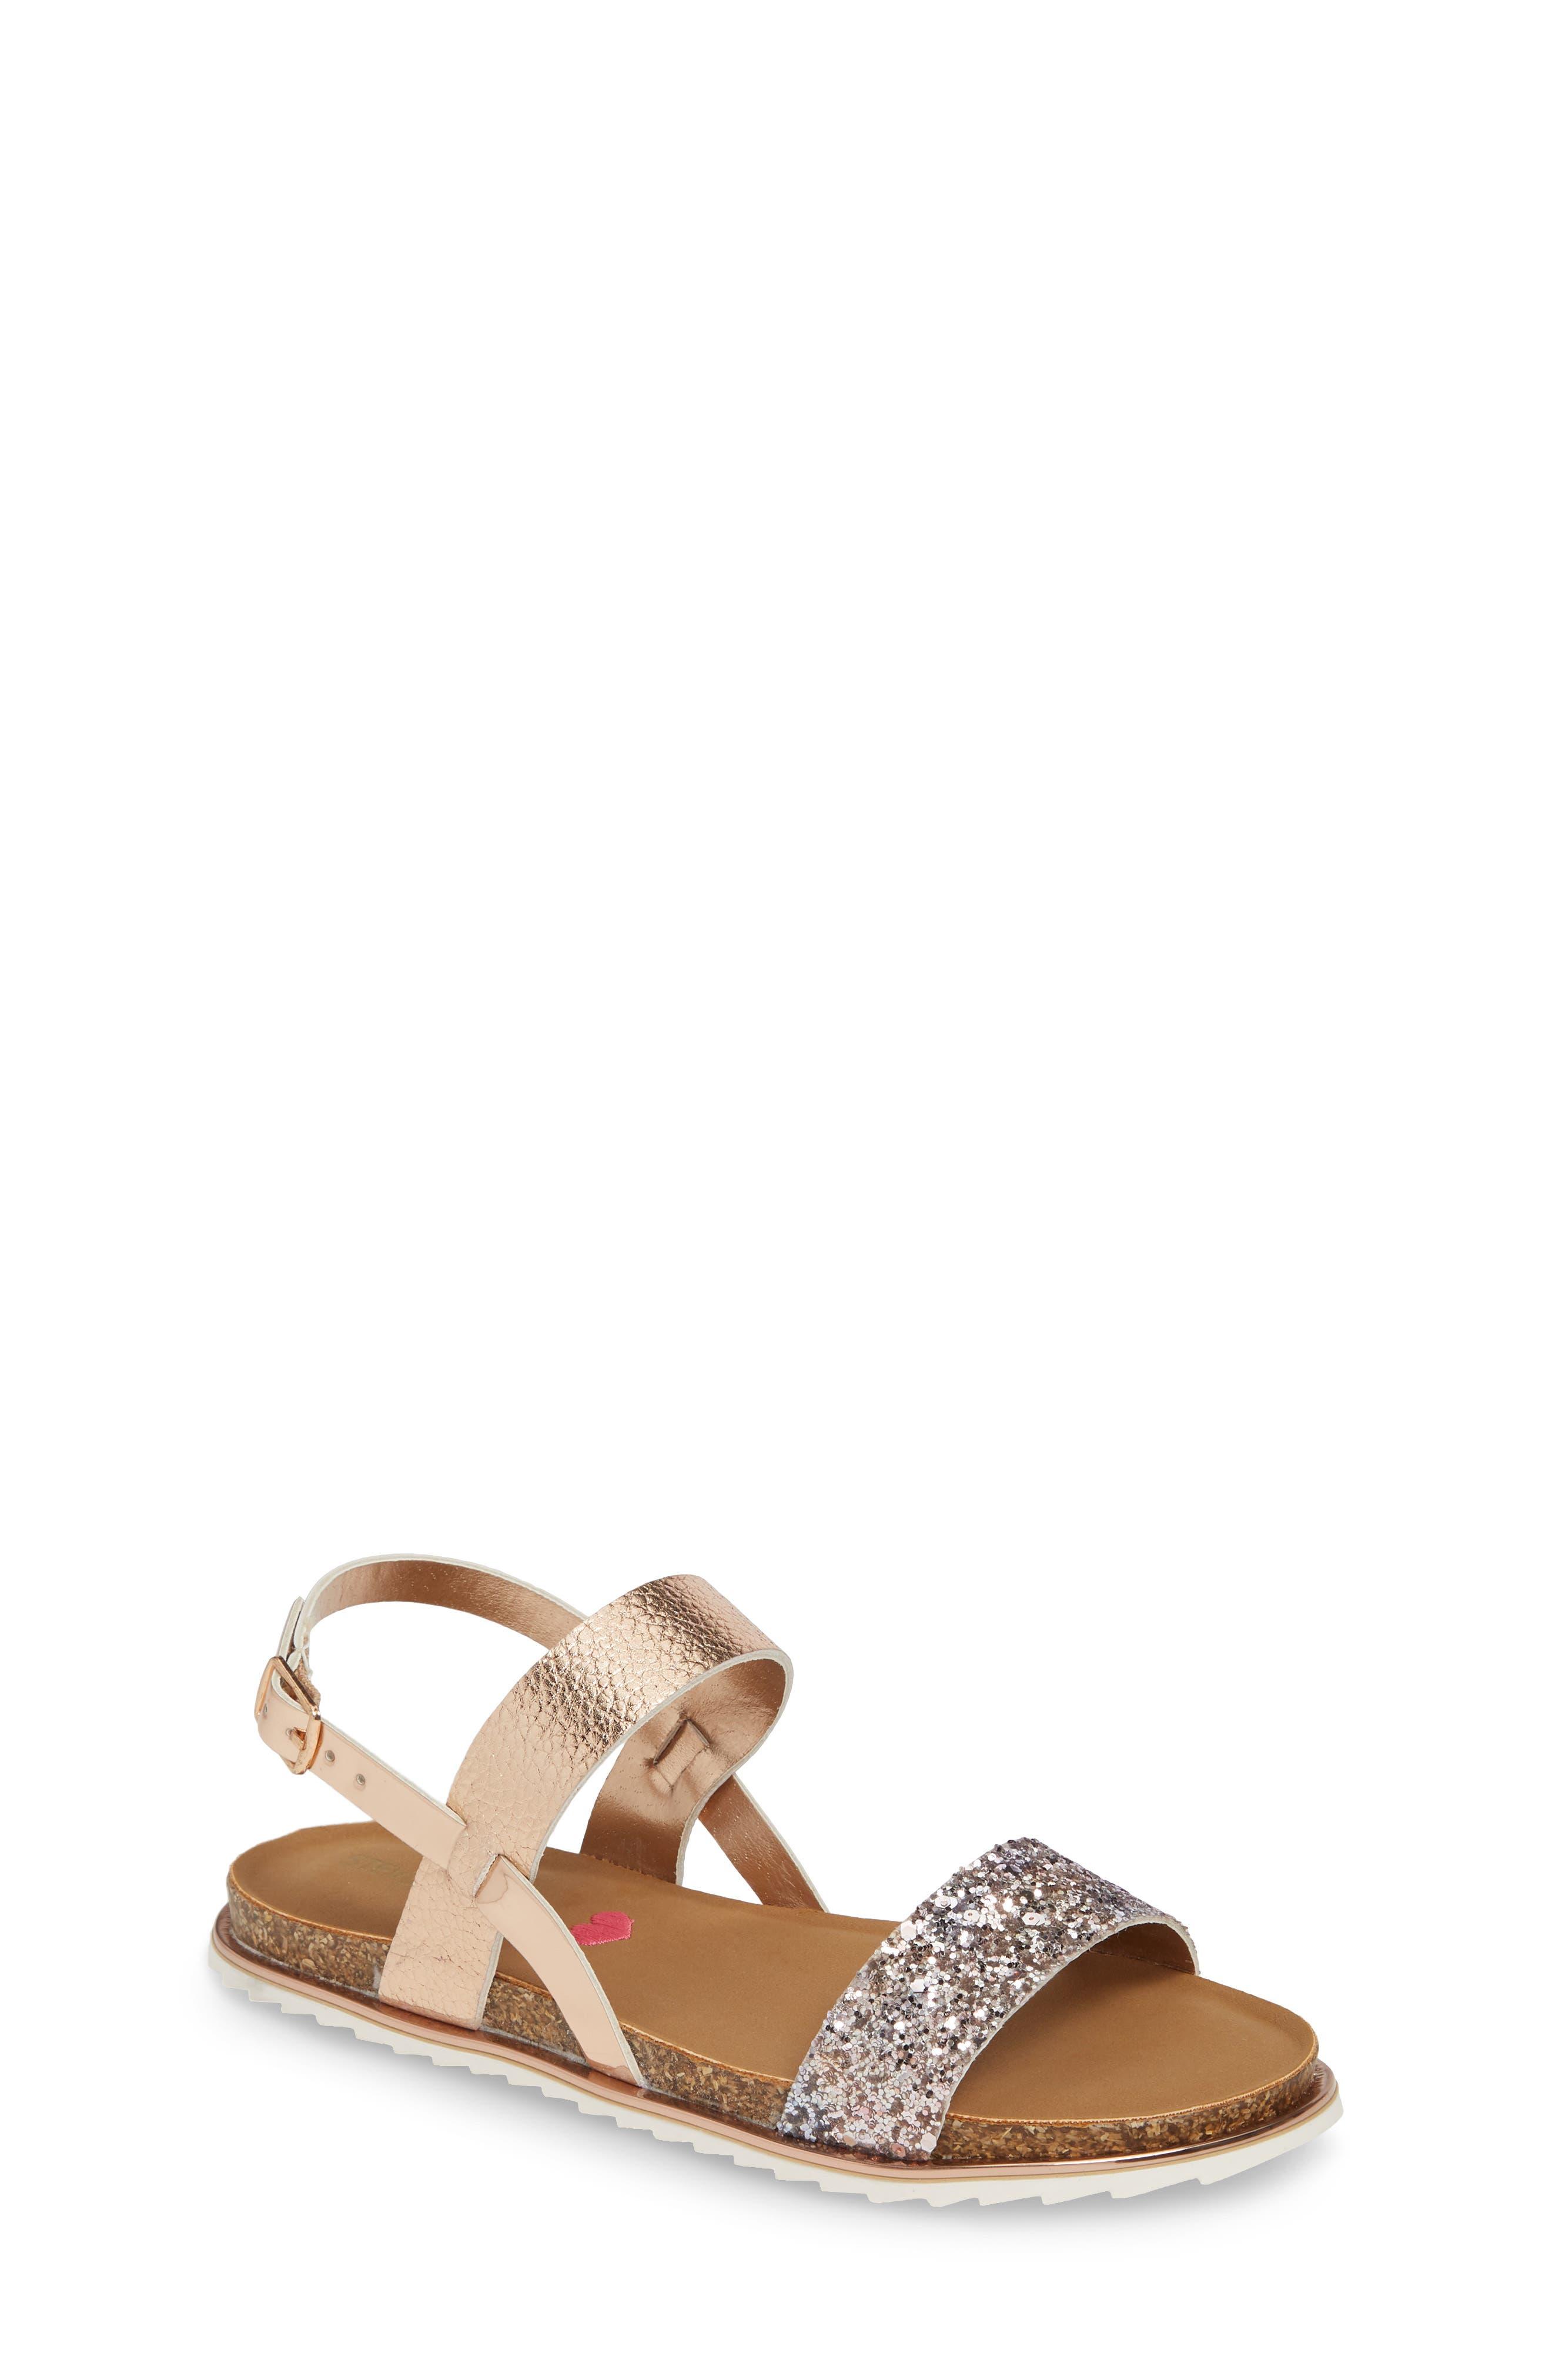 Jslim Glitter Sandal, Main, color, ROSE GOLD